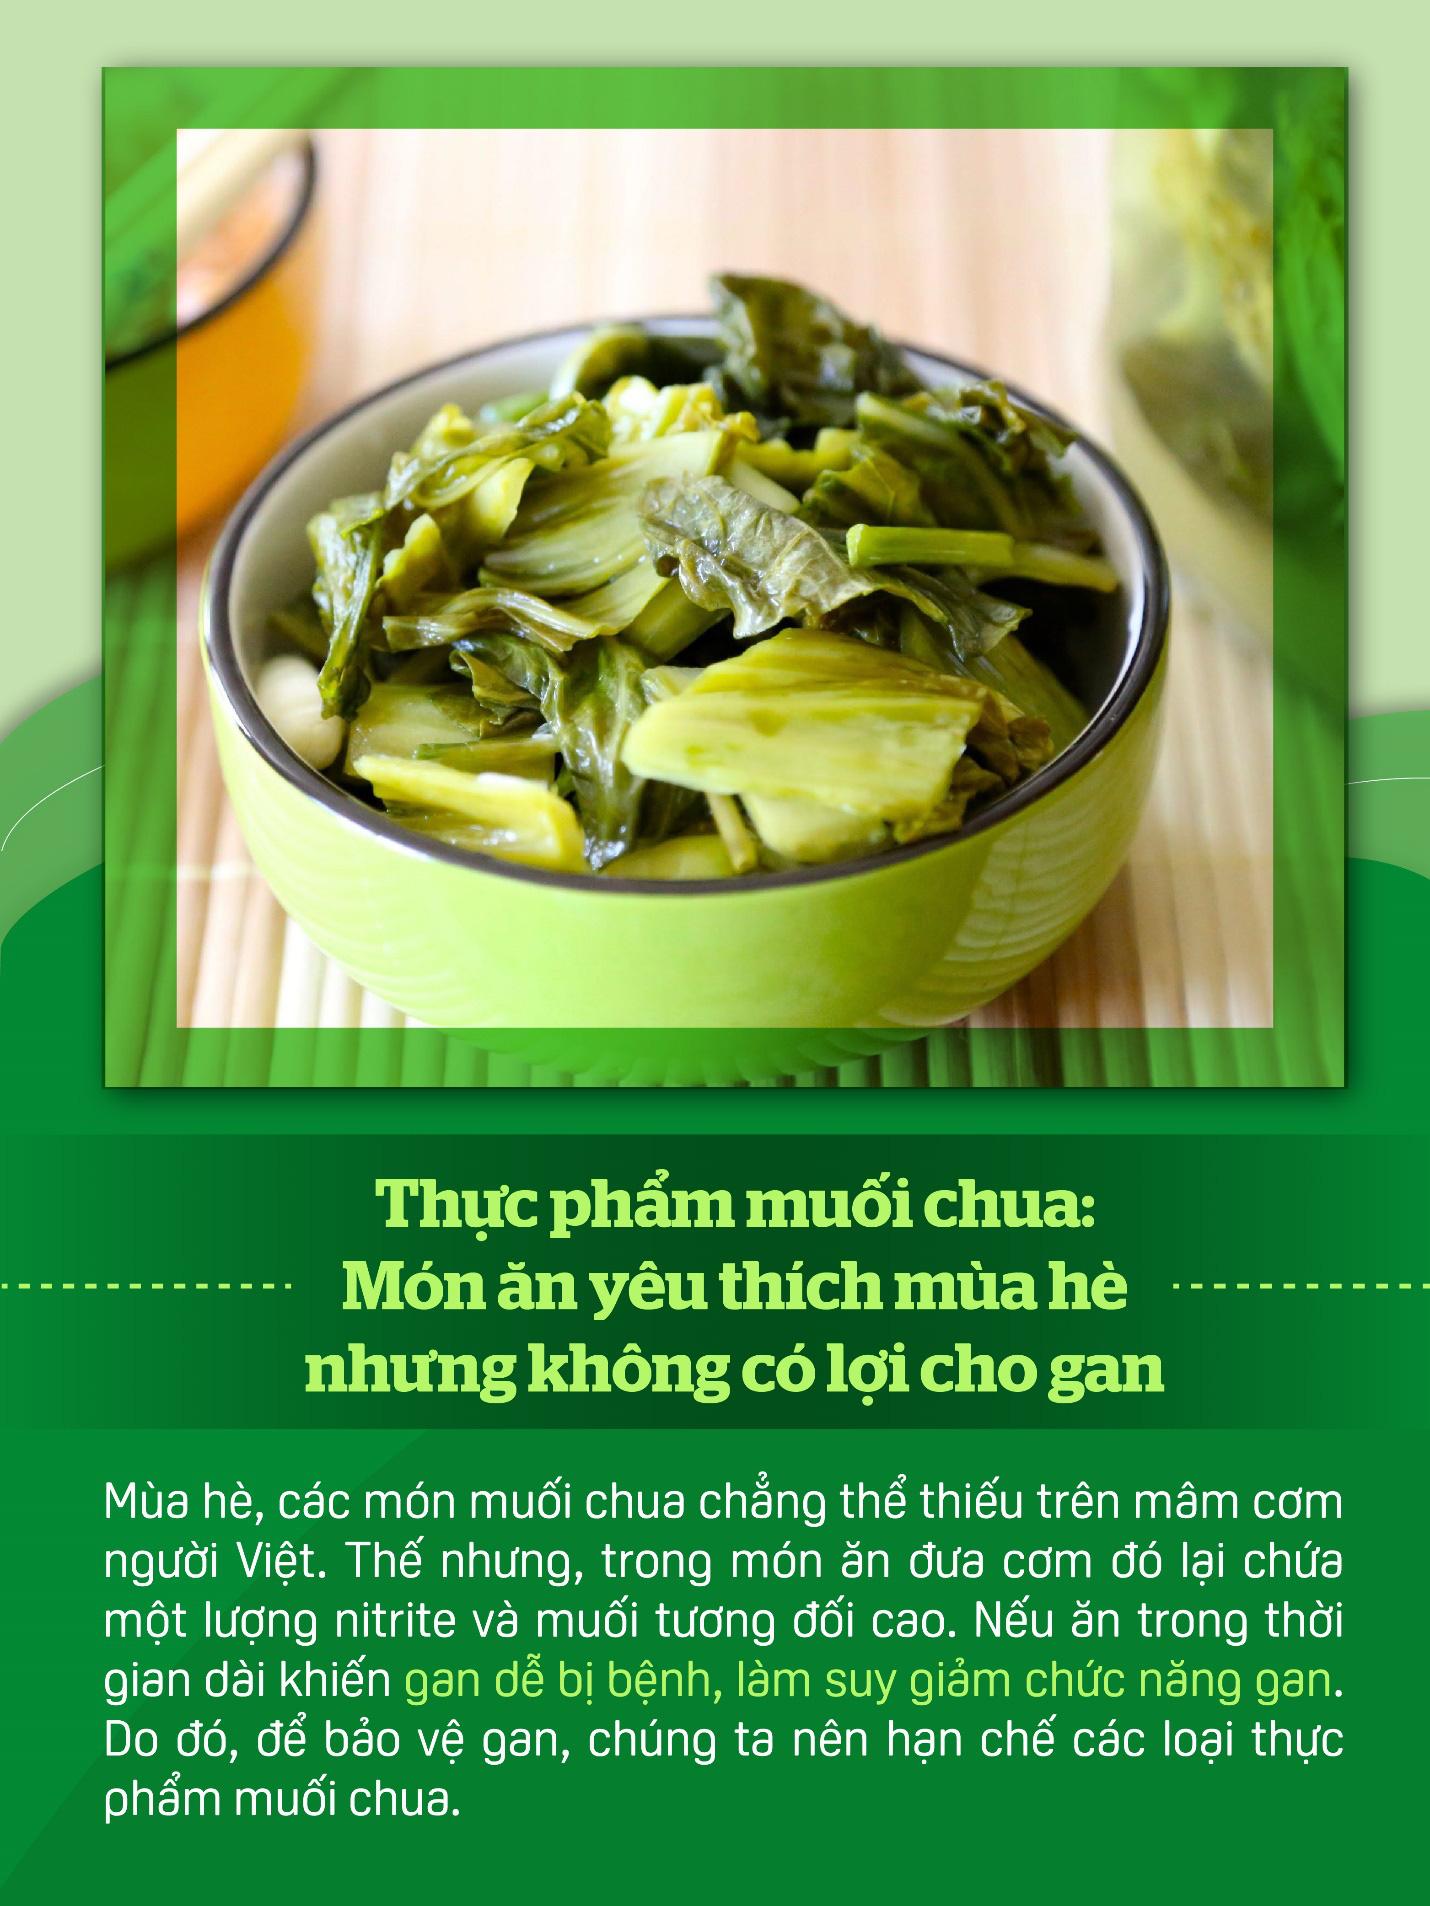 Nấu ăn mùa nắng nóng nhớ hạn chế những thực phẩm này để bảo vệ gan - Ảnh 2.